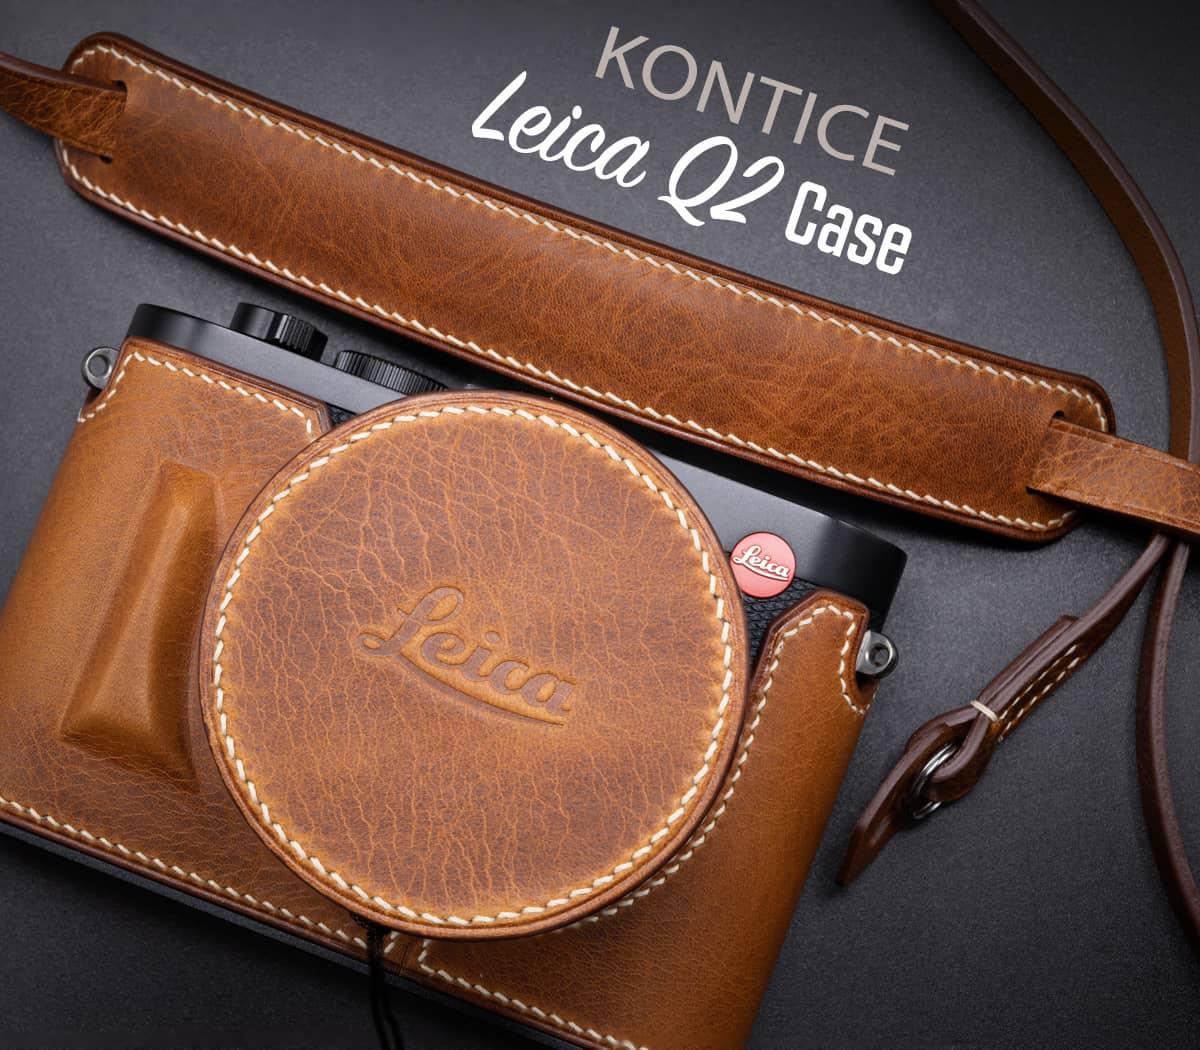 ชุด เคสกล้อง Leica Q2 Kontice Brown พร้อมฝาครอบเลนส์ และ สายคล้องกล้อง สีน้ำตาล